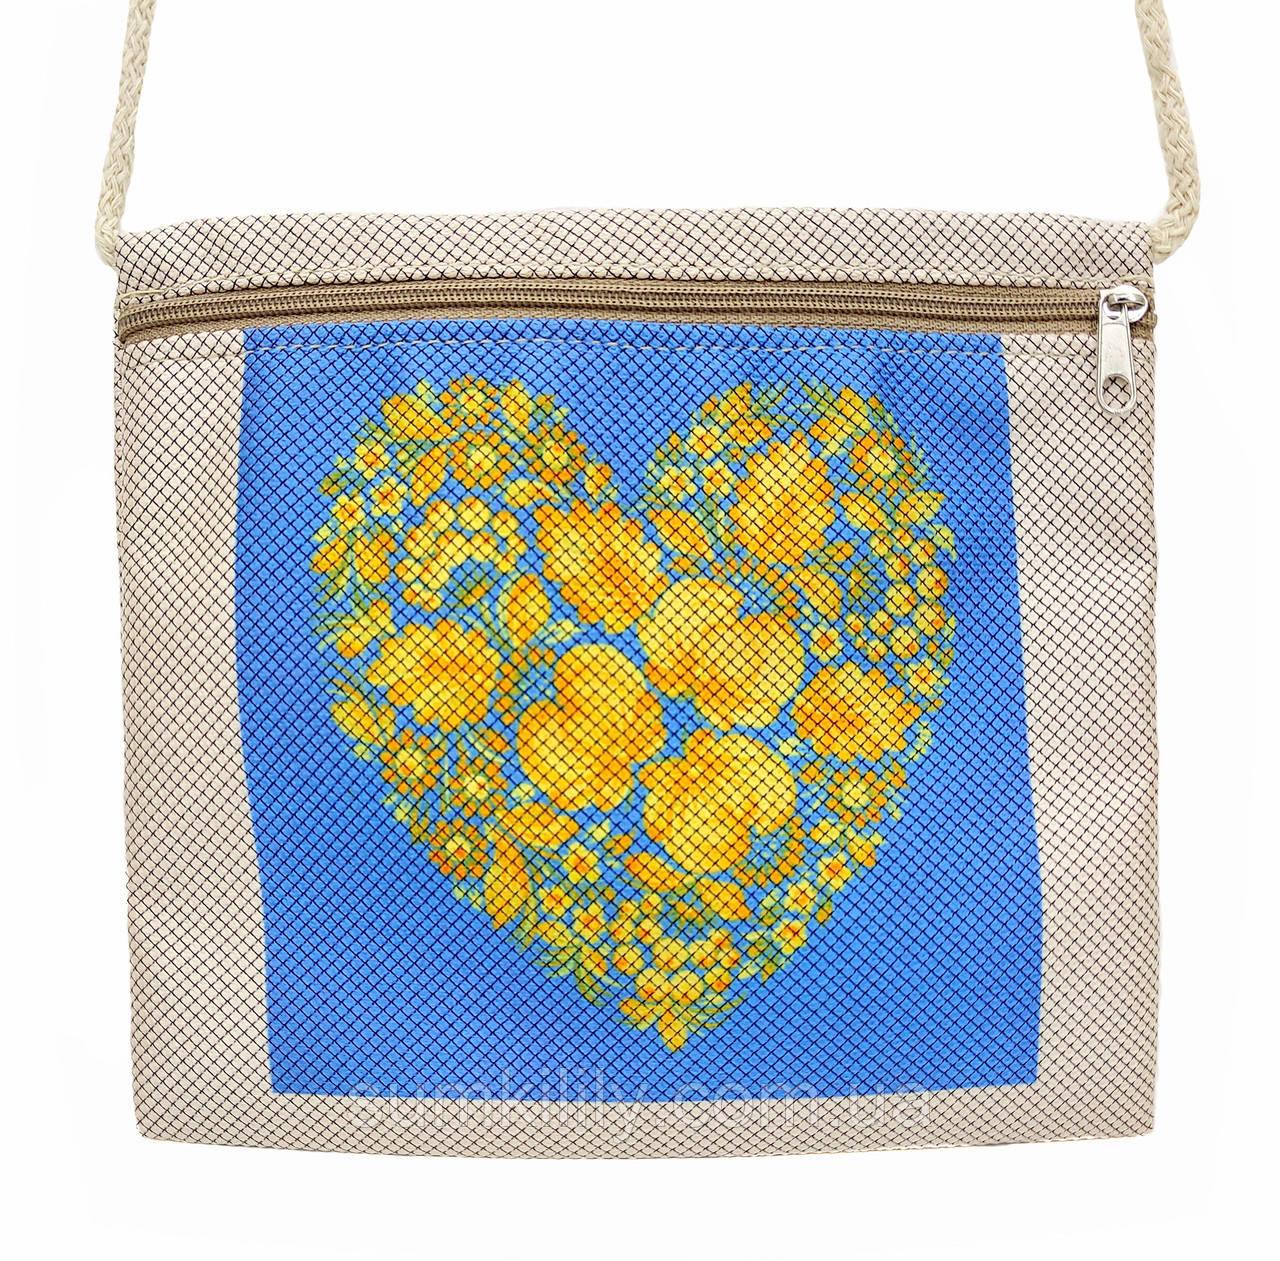 Текстильный кошелек Сердце Украины